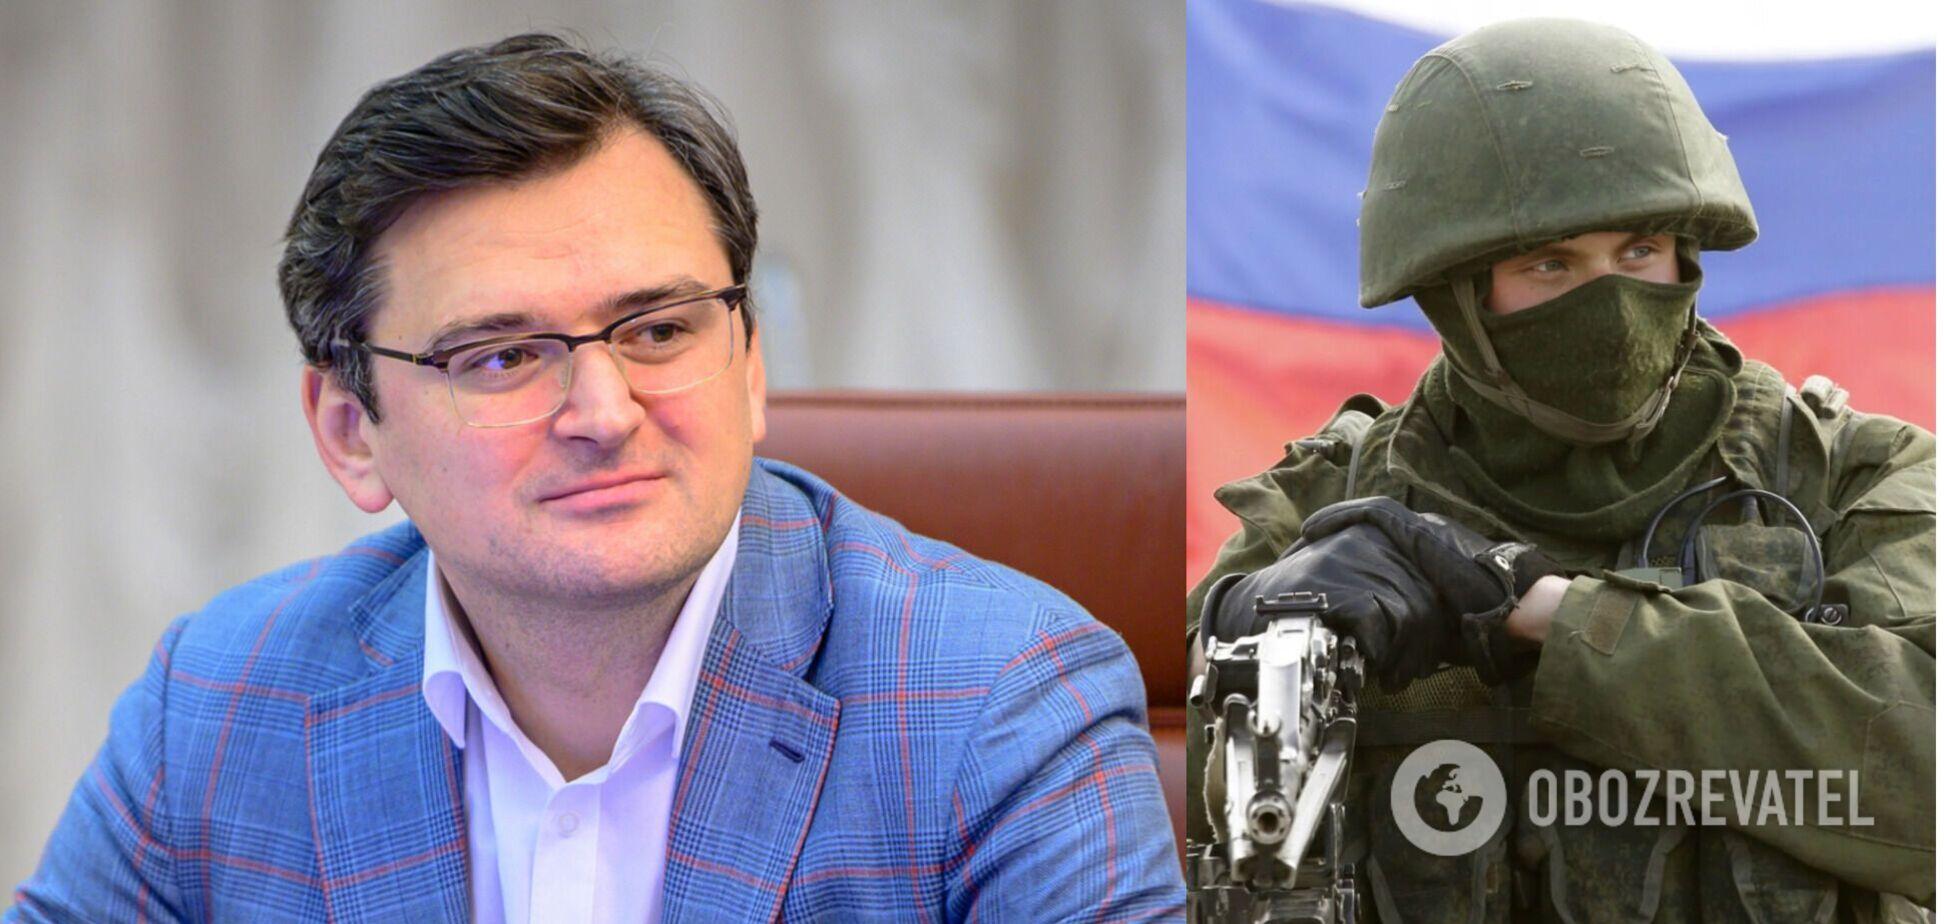 Кулеба: загроза воєнної операції РФ проти України зберігається, треба бути готовими